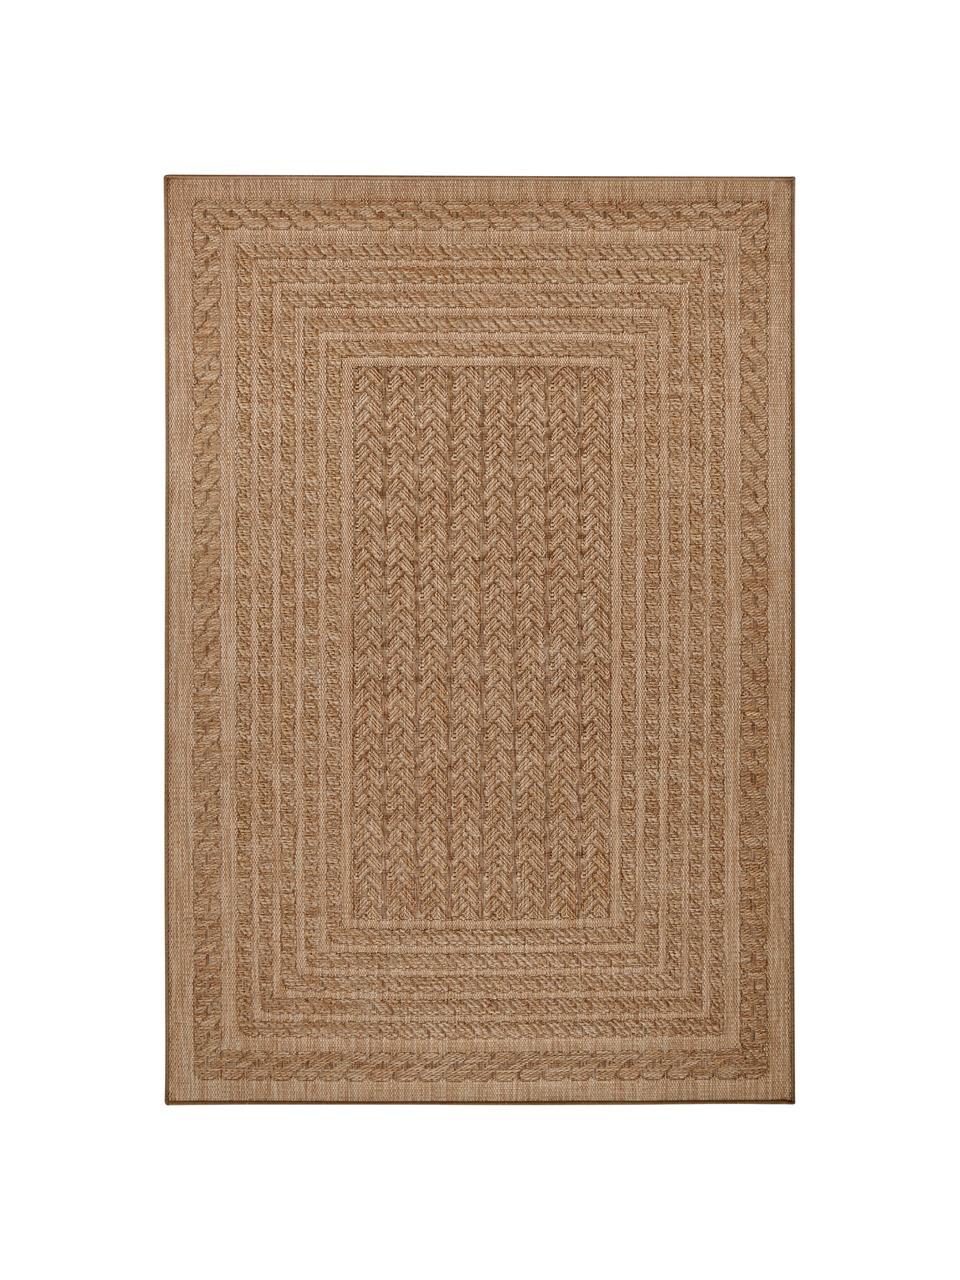 In- & Outdoor-Teppich Limonero in Jute Optik, 100% Polypropylen, Beige, Braun, B 160 x L 230 cm (Größe M)